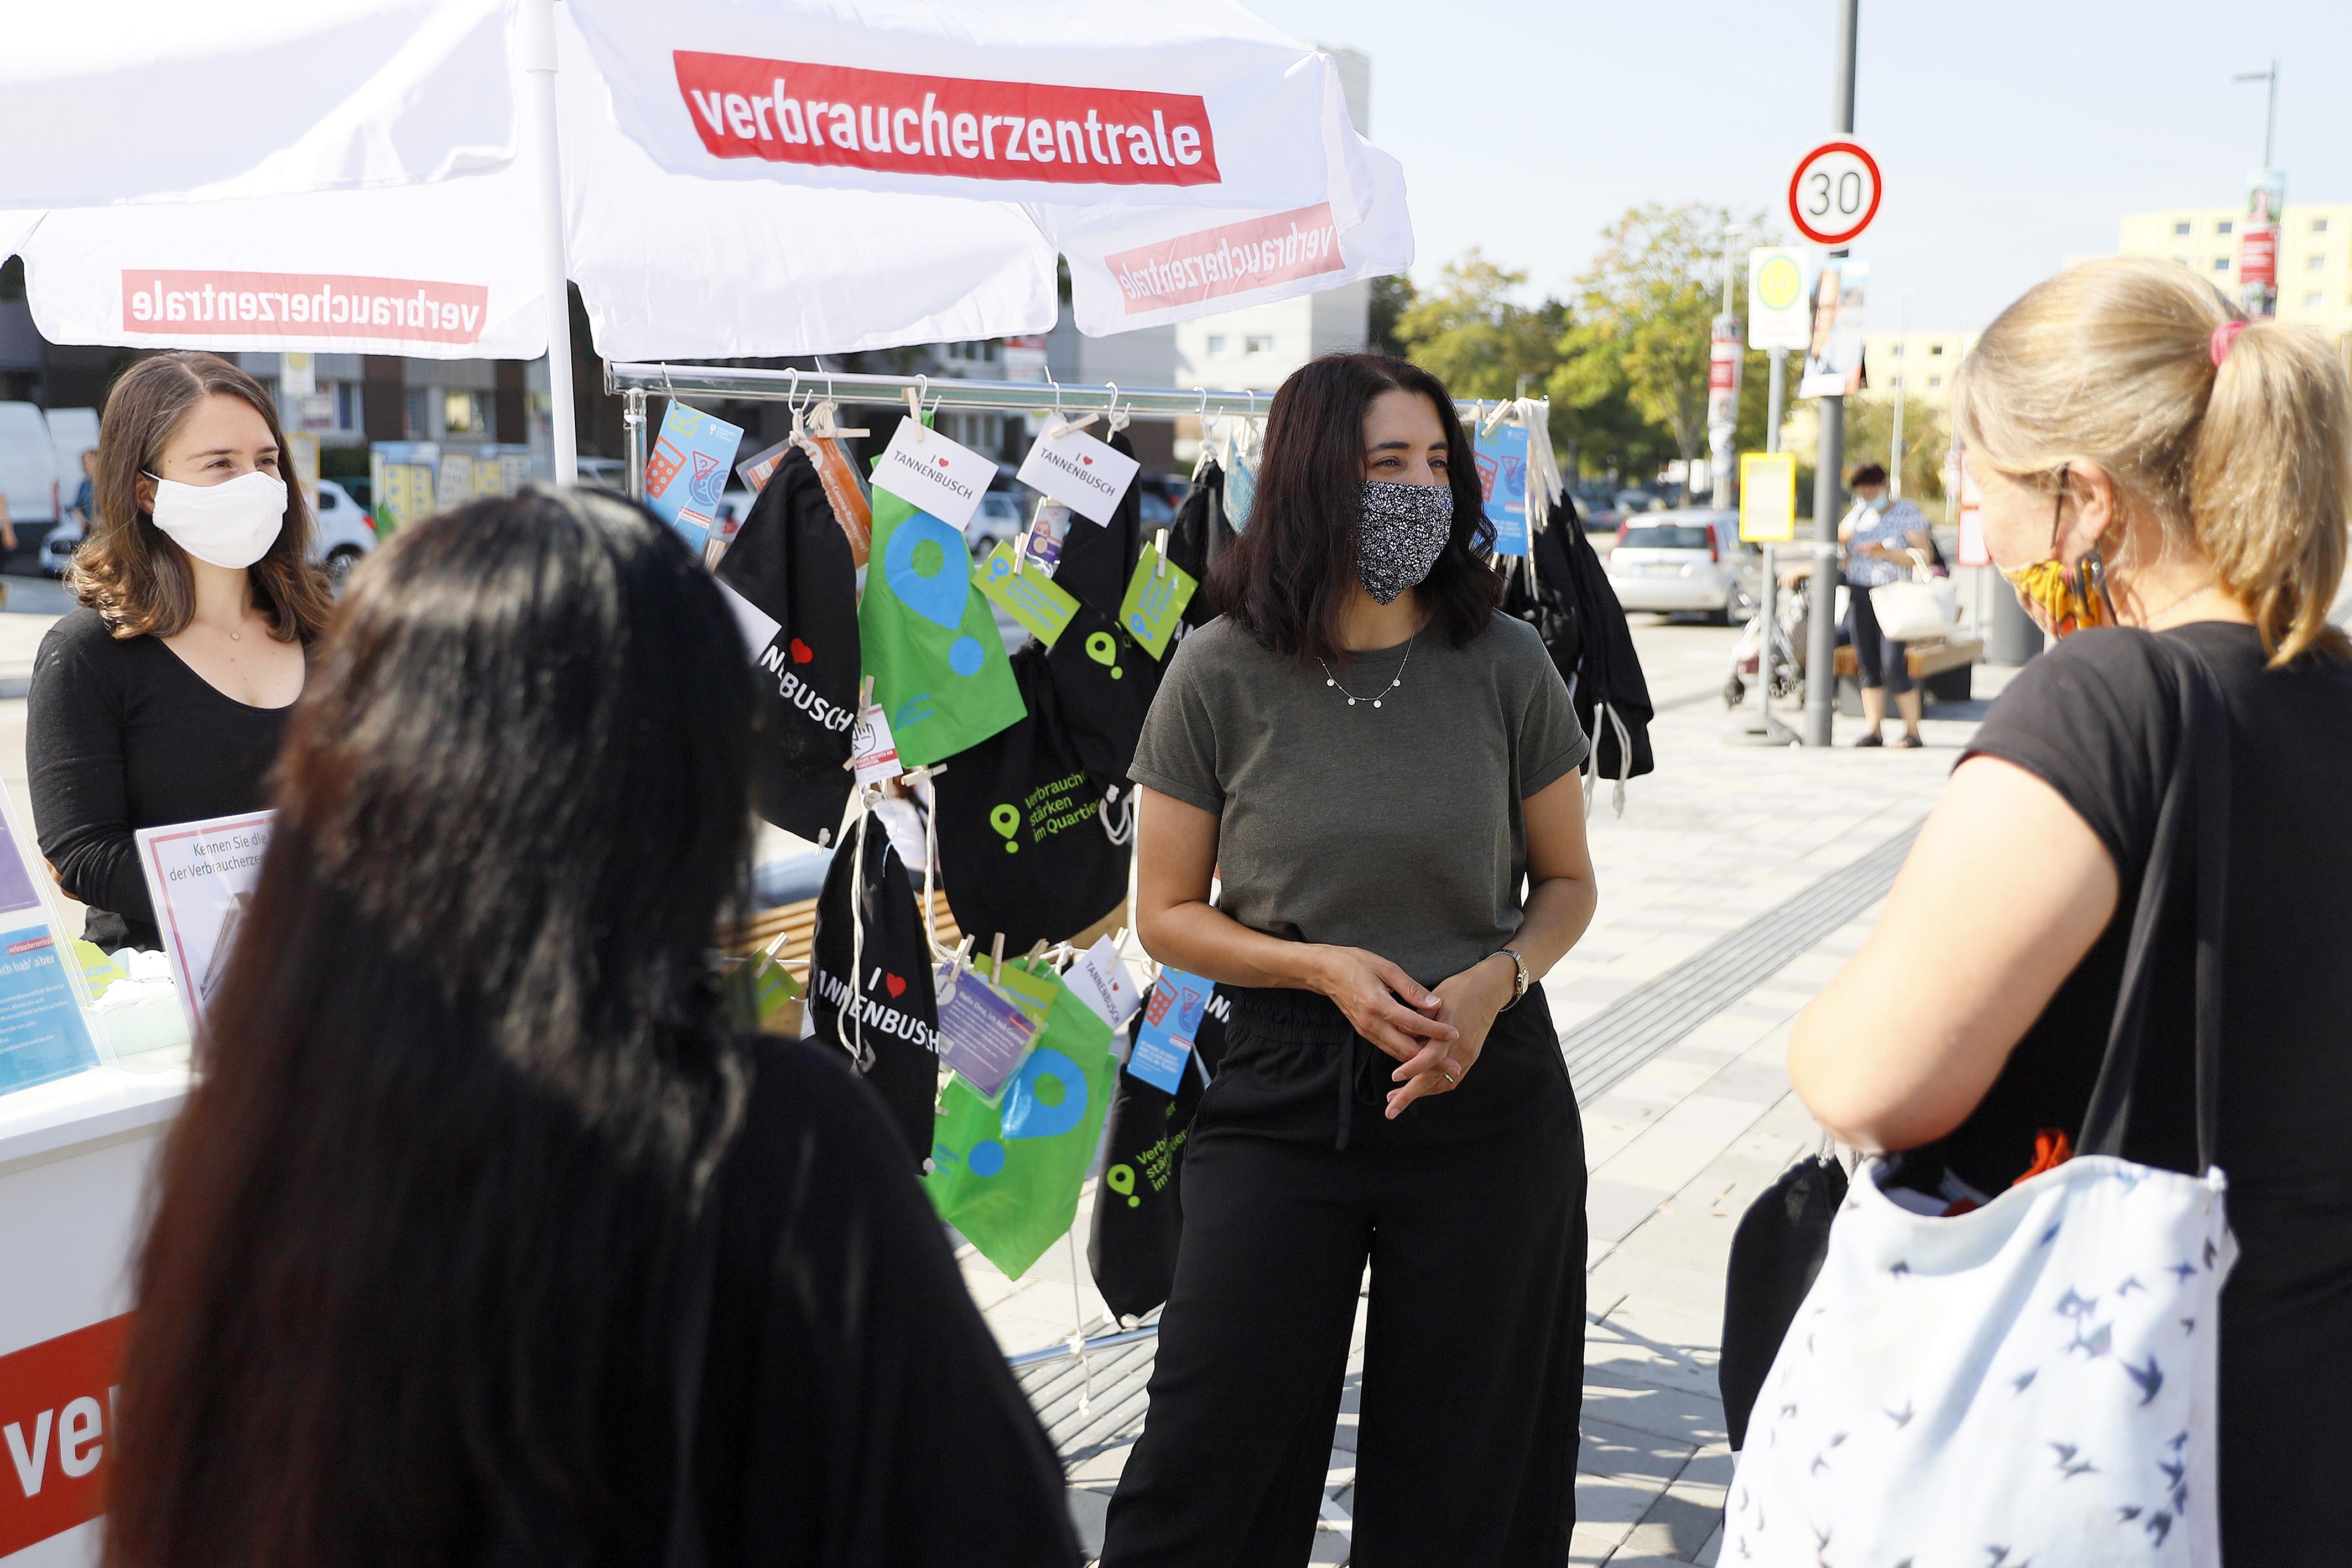 Zwei Frauen der Verbraucherzentrale kommen vor dem Infostand mit zwei Personen ins Gespräch.